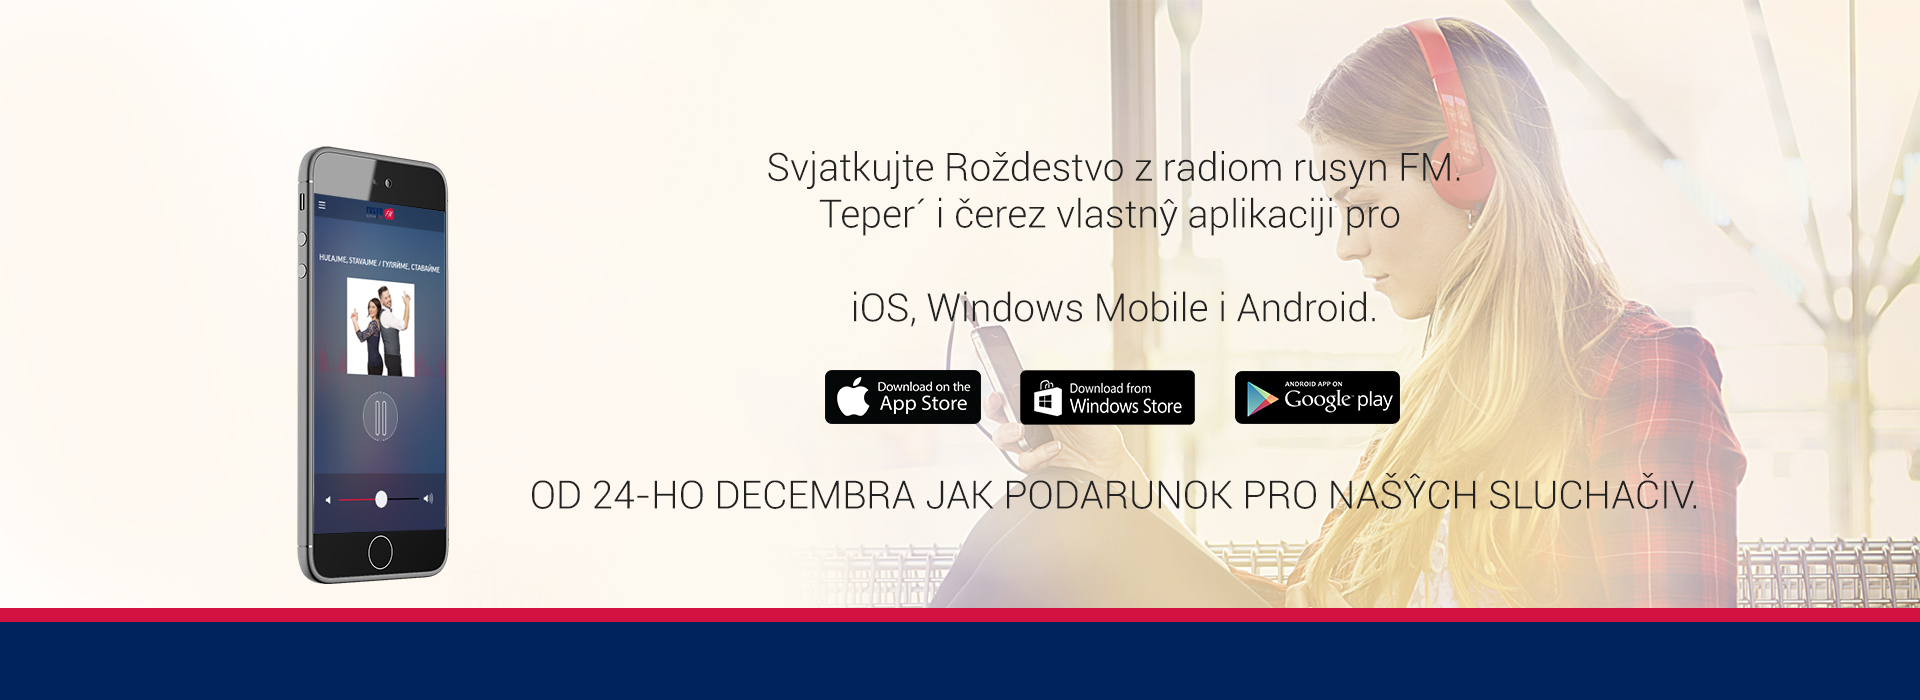 app-web-2